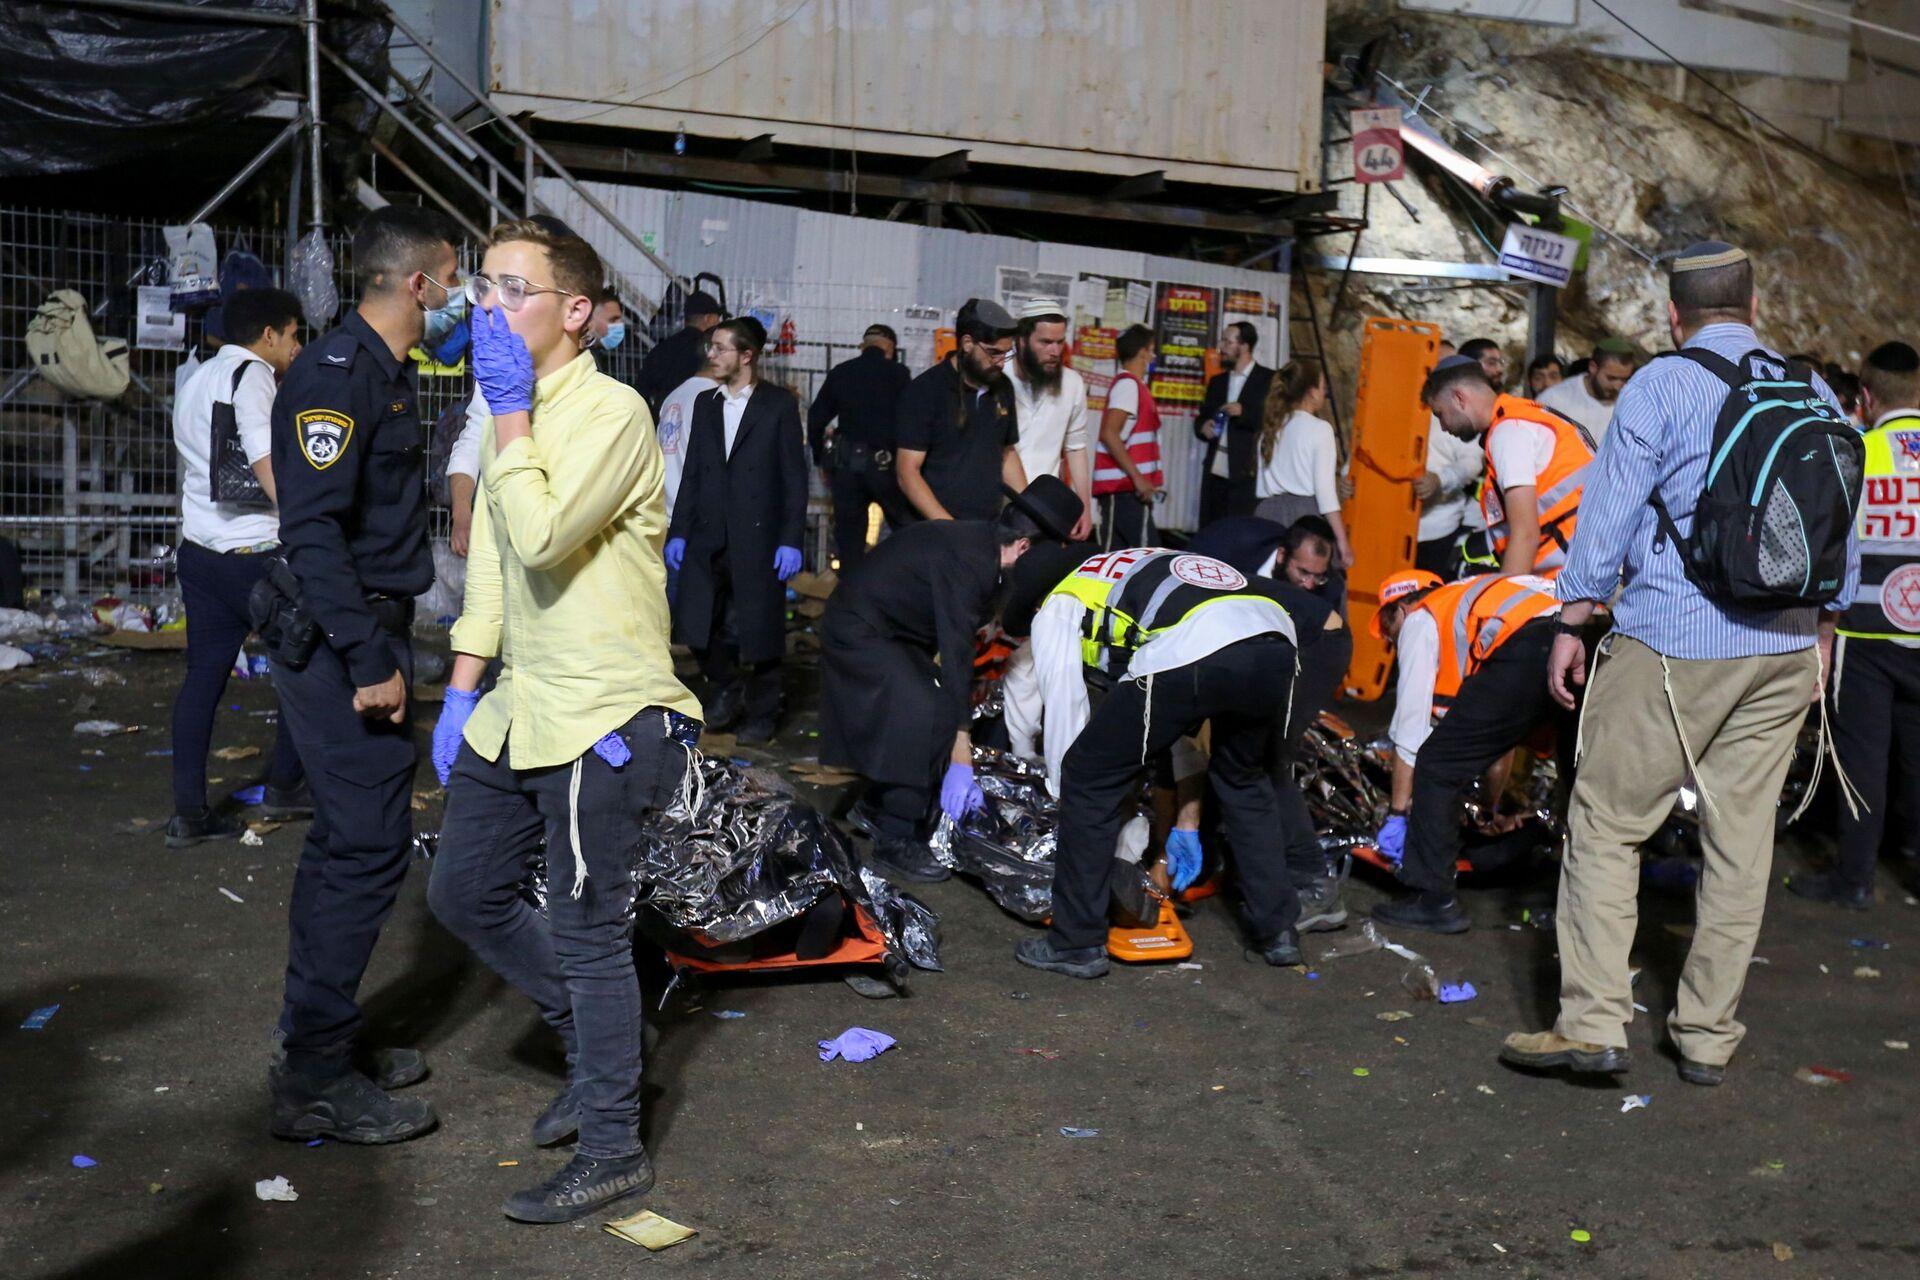 Трагедија у Израелу: Десетине мртвих, 150 повређених у стампеду на верском фестивалу /видео, фото/ - Sputnik Србија, 1920, 30.04.2021